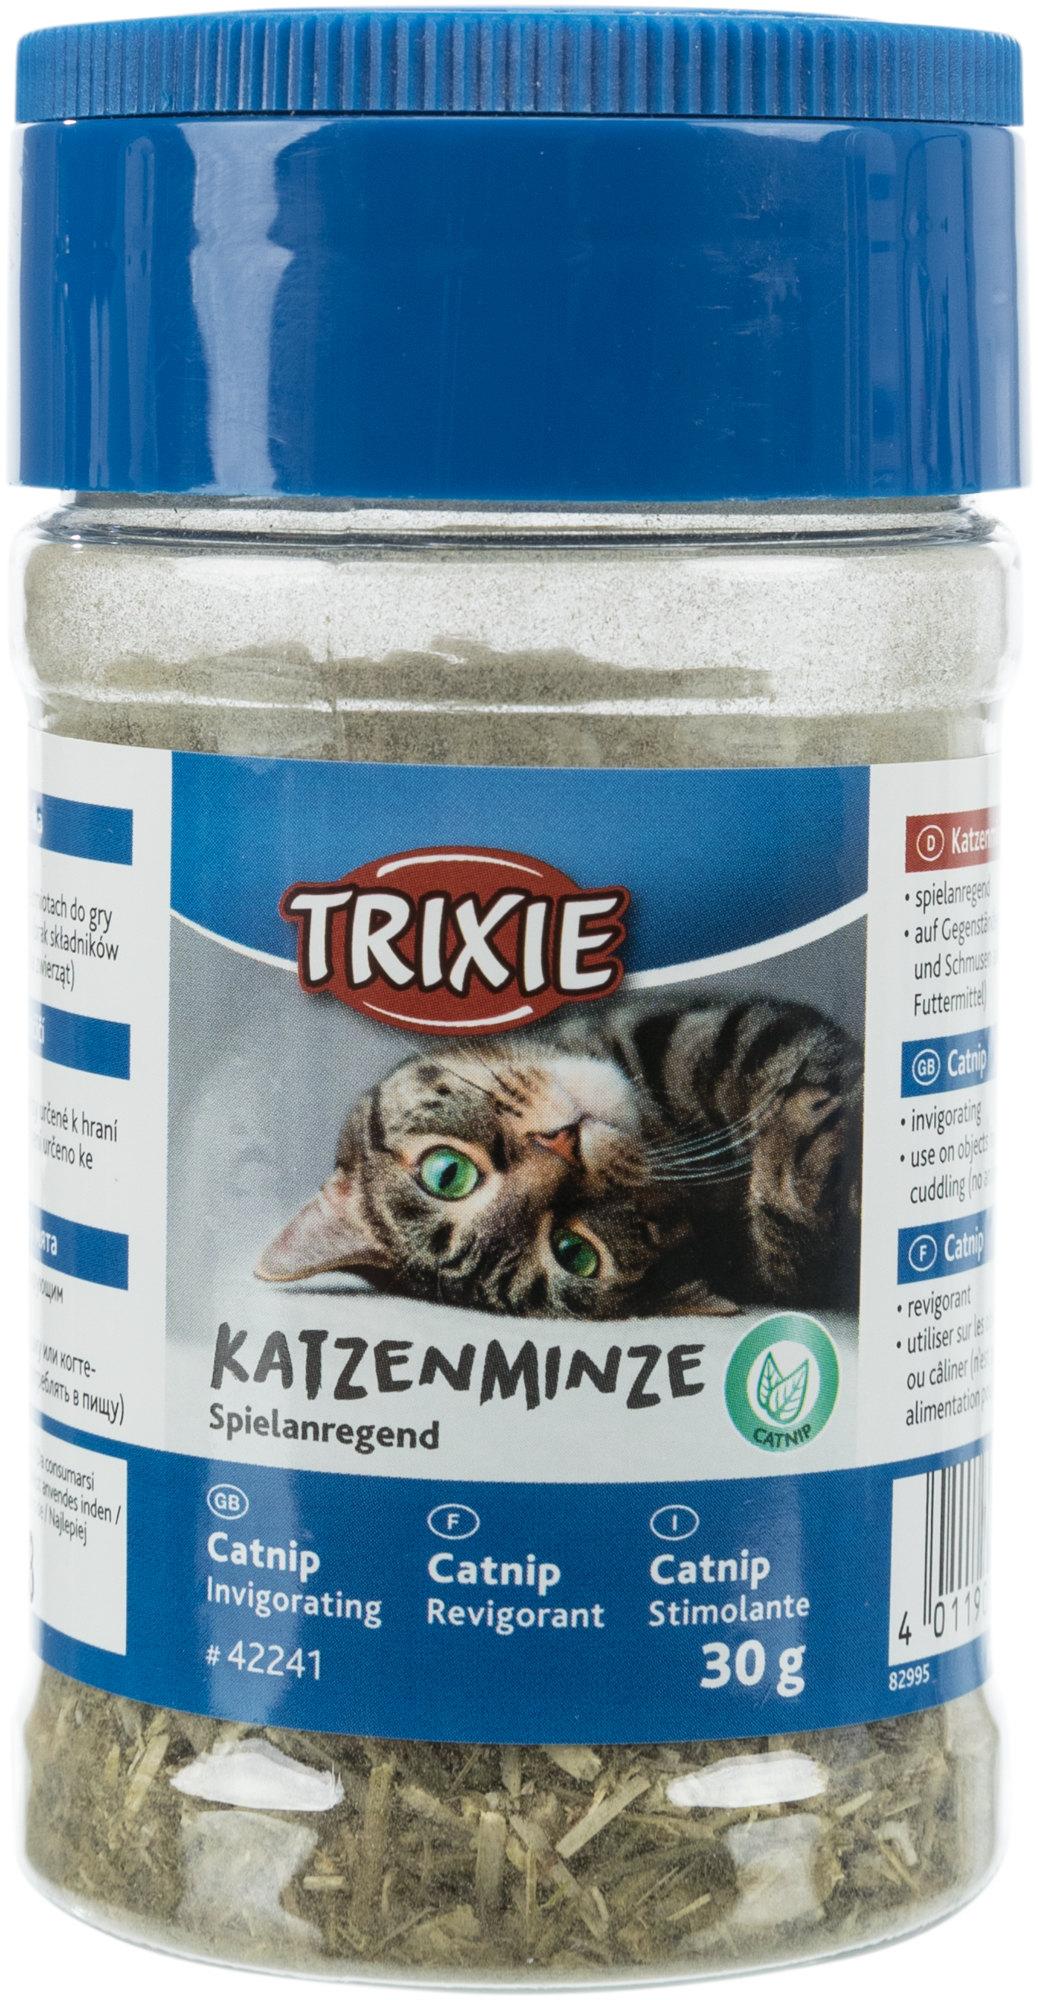 Trixie Katzenminze Streudose 30 g